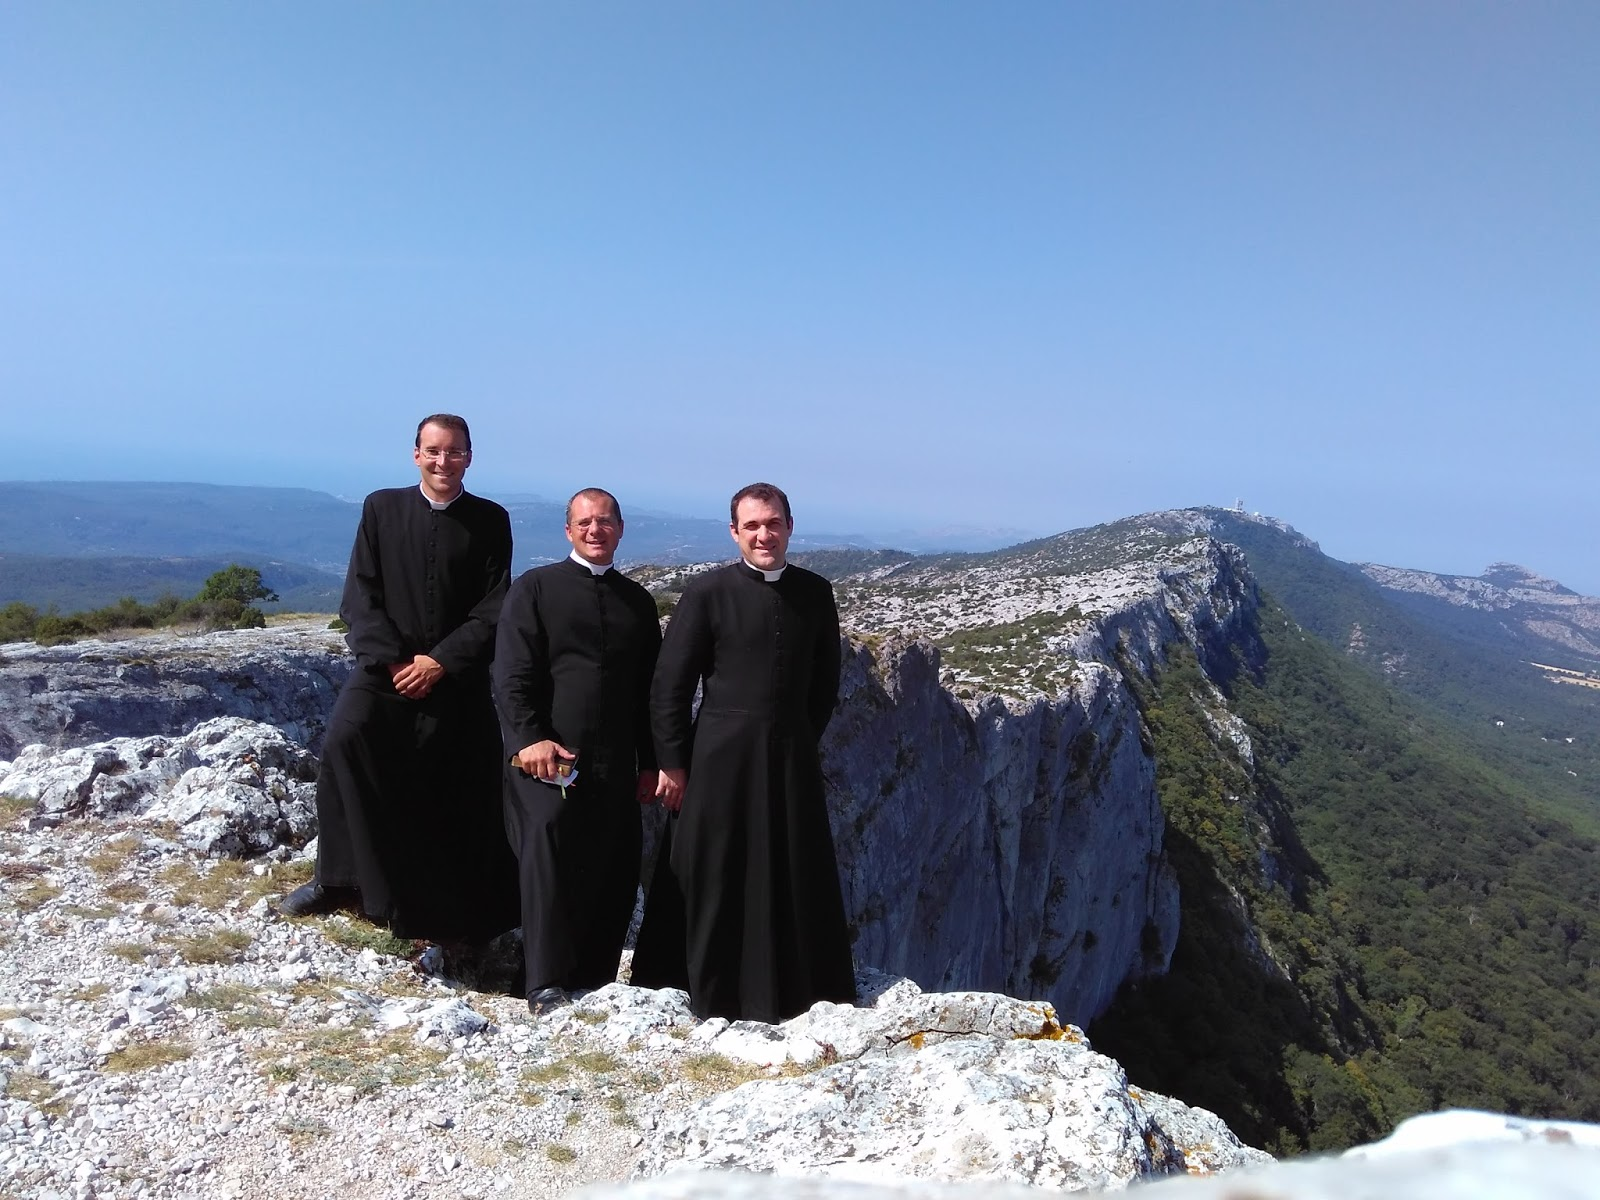 Pèlerinage des prêtres de la Communauté Saint Grégoire le Grand  à la Sainte-Baume